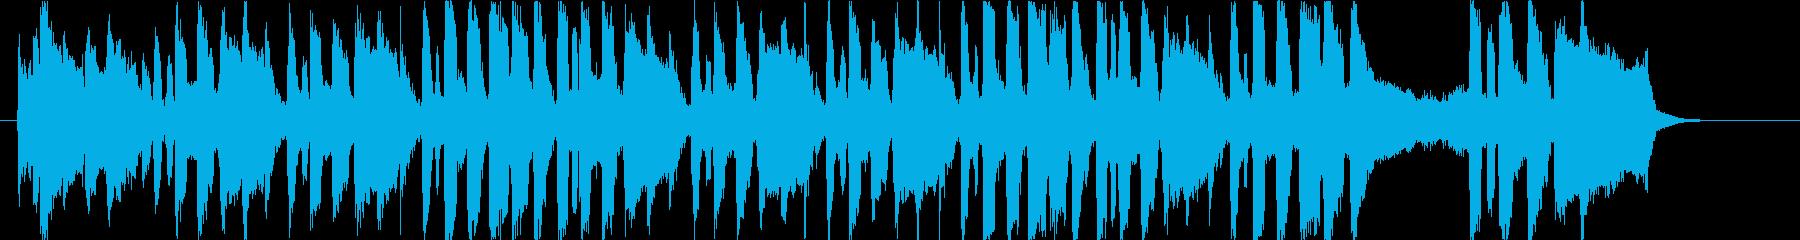 誕生日の歌(ワルツver) 【メイ】の再生済みの波形